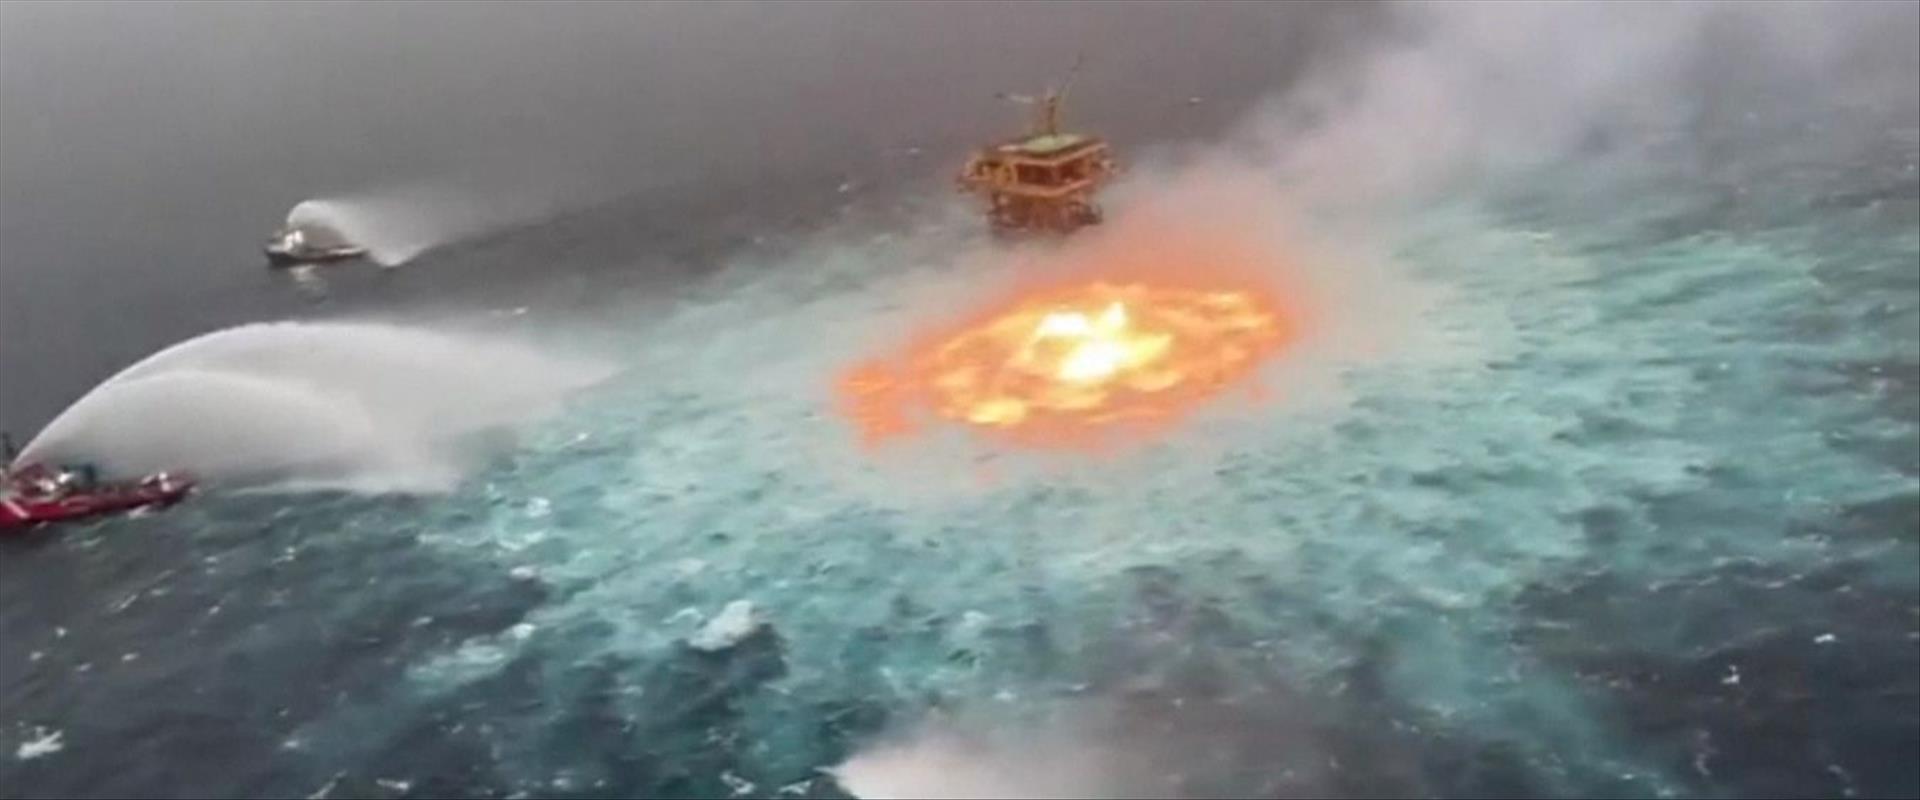 השריפה בלב ים בשל דליפת גז במקסיקו, אתמול